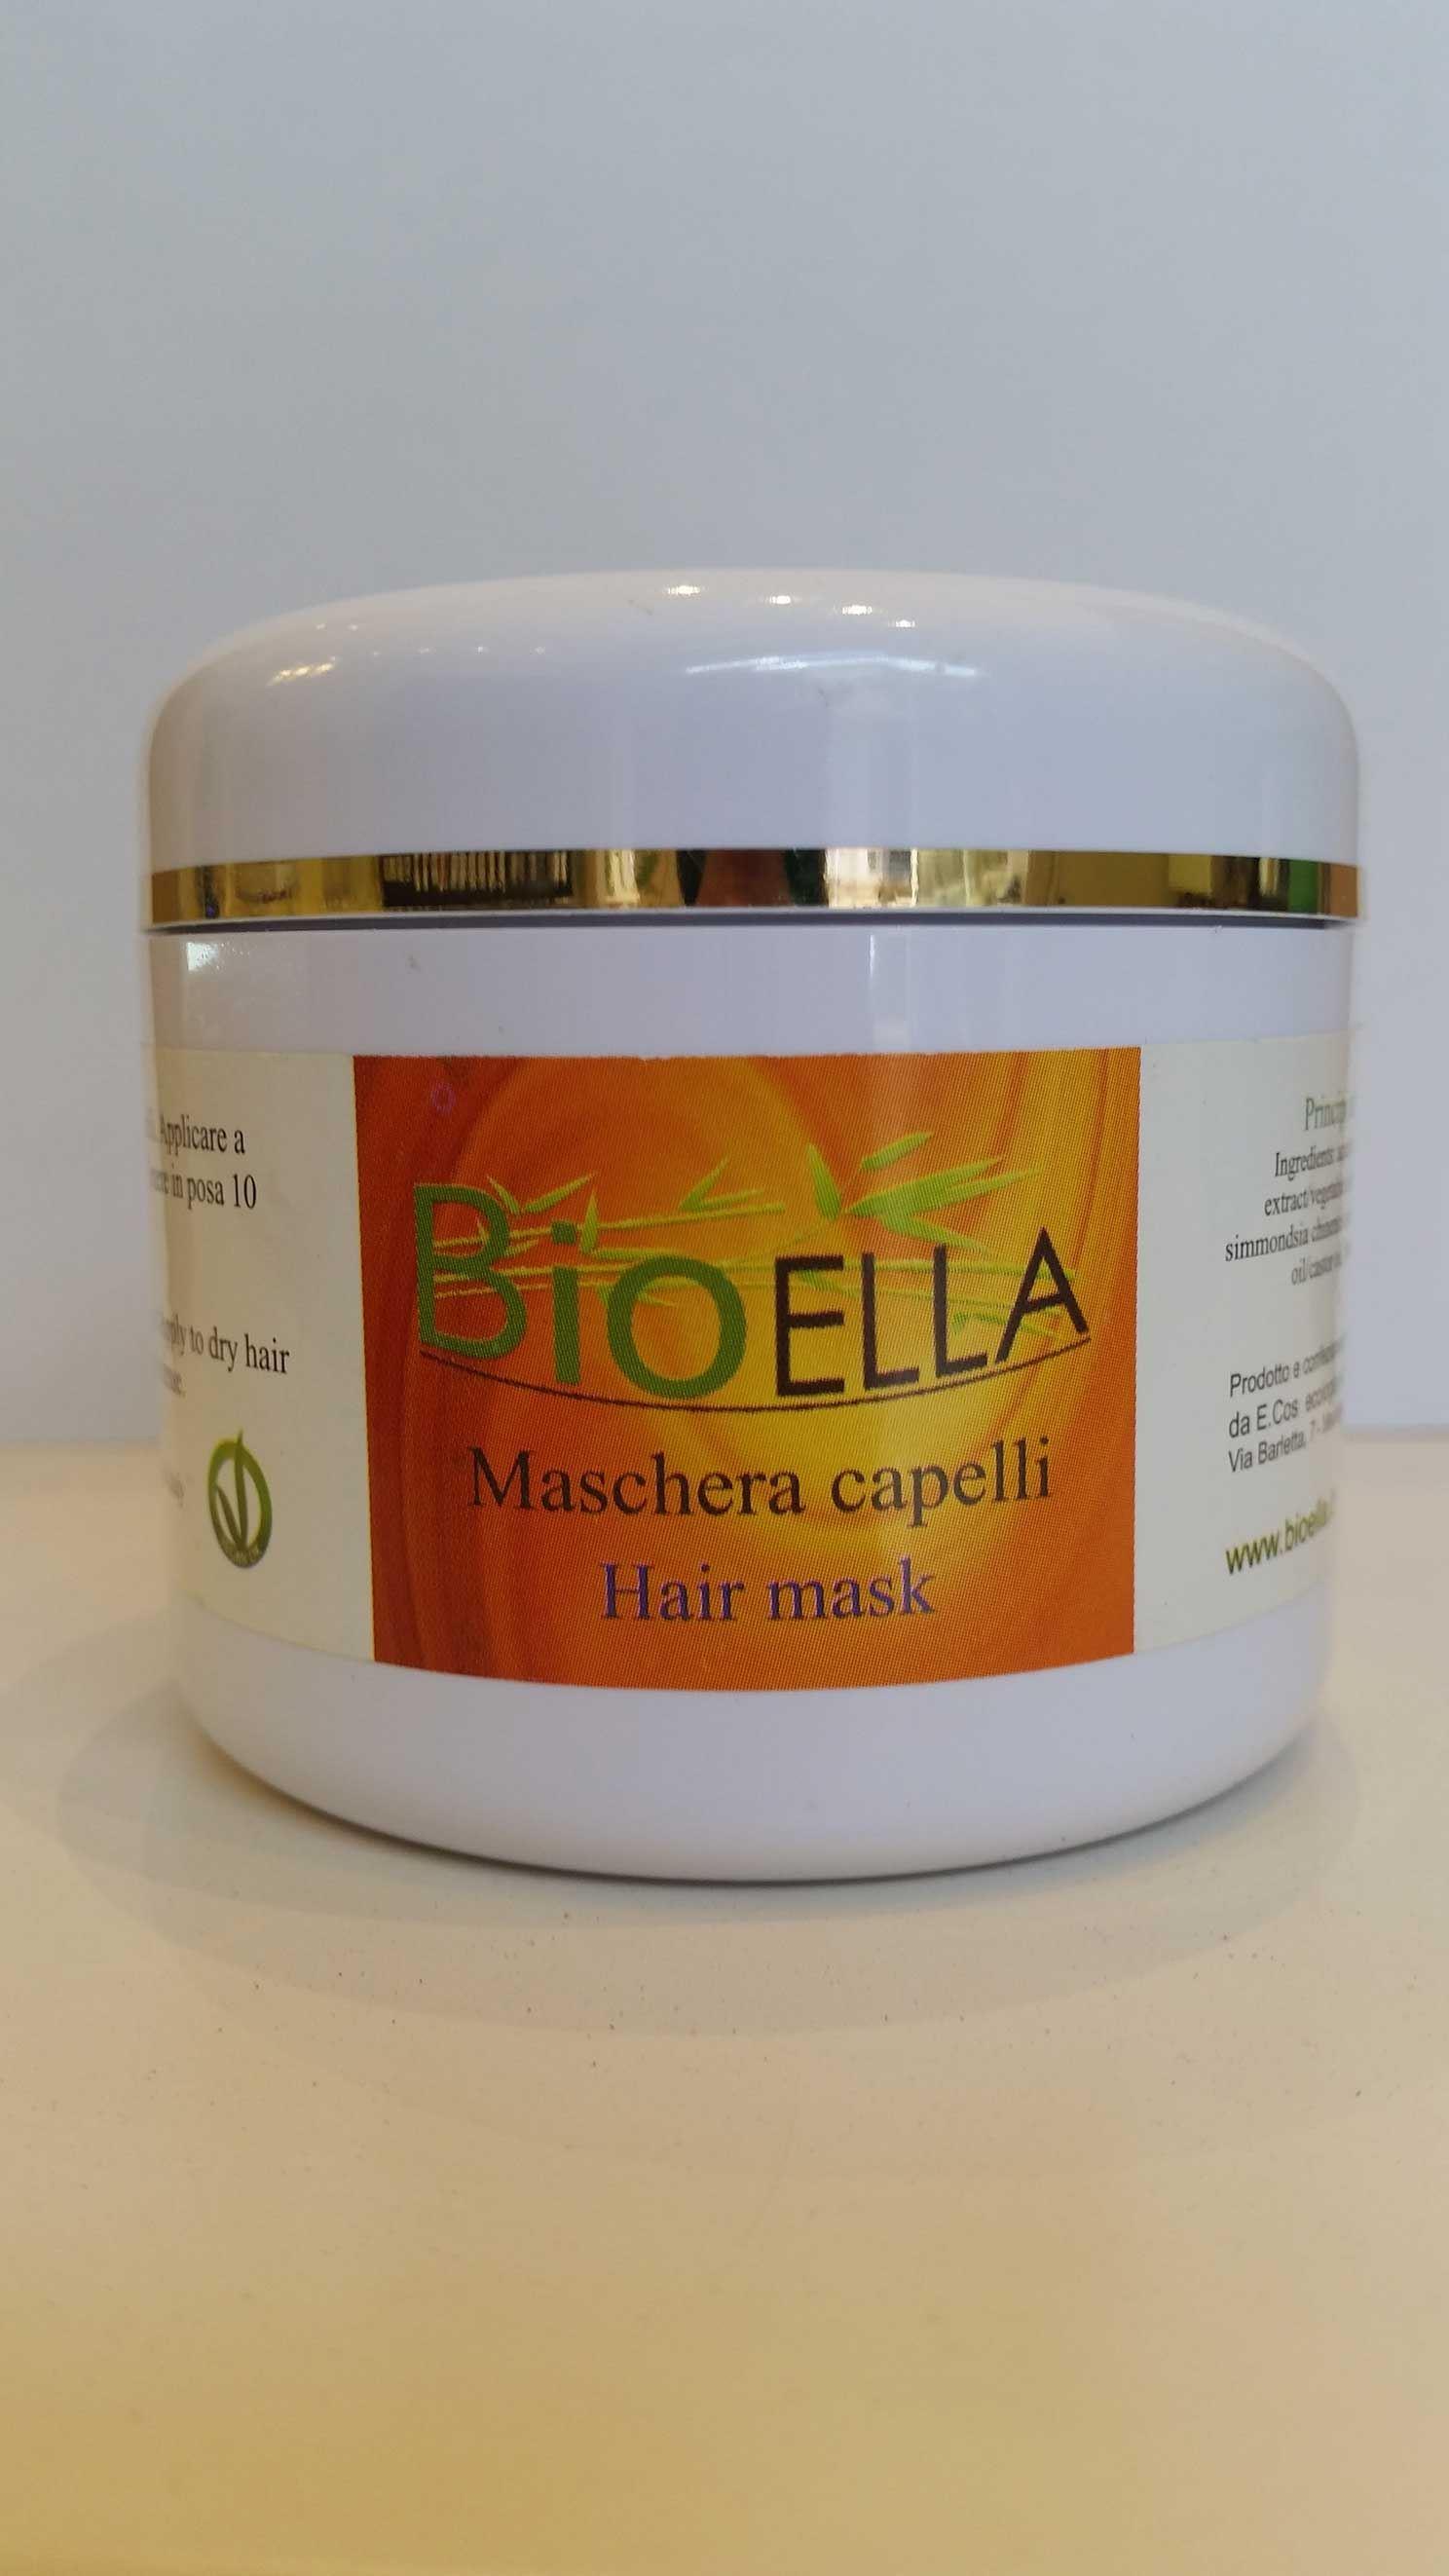 Bioella maschera capelli